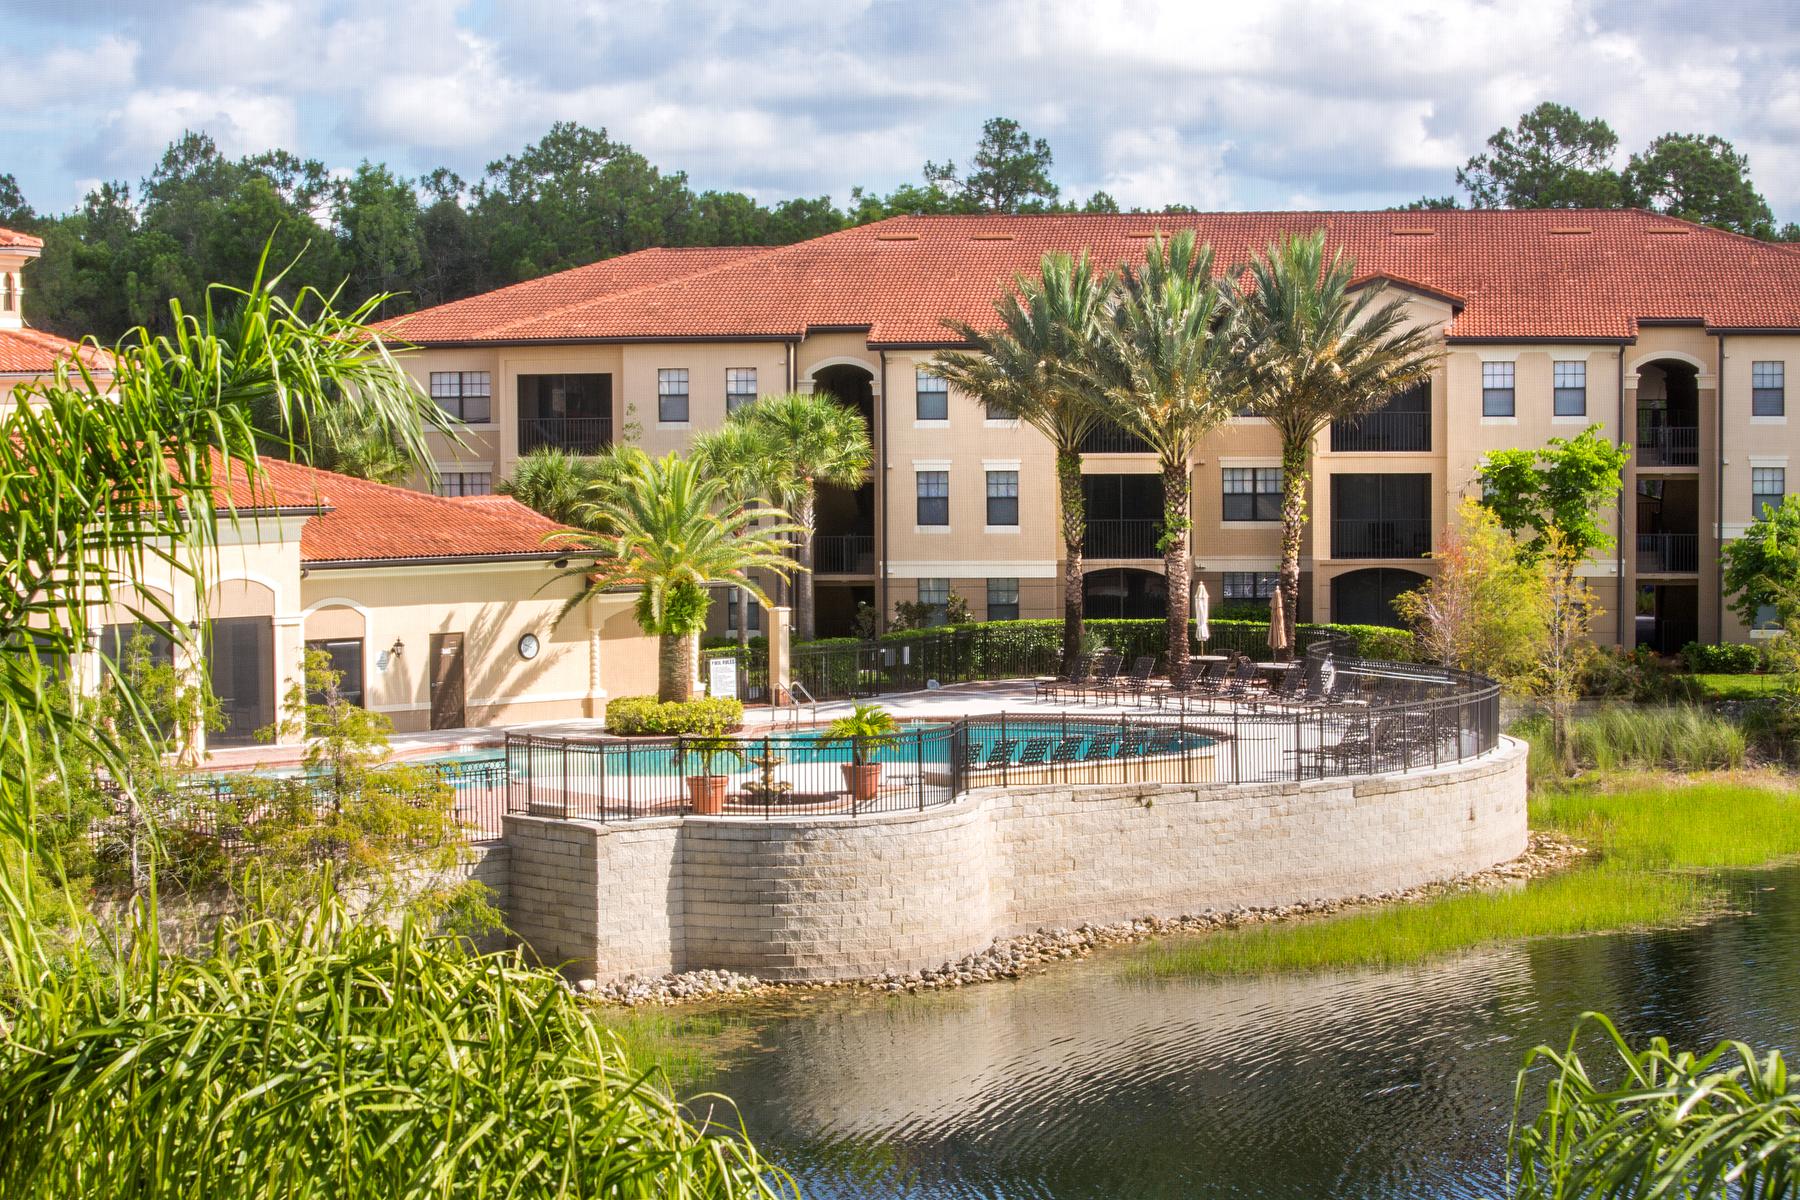 Eigentumswohnung für Verkauf beim POSITANO PLACE 12930 Positano Cir 206 Naples, Florida, 34105 Vereinigte Staaten